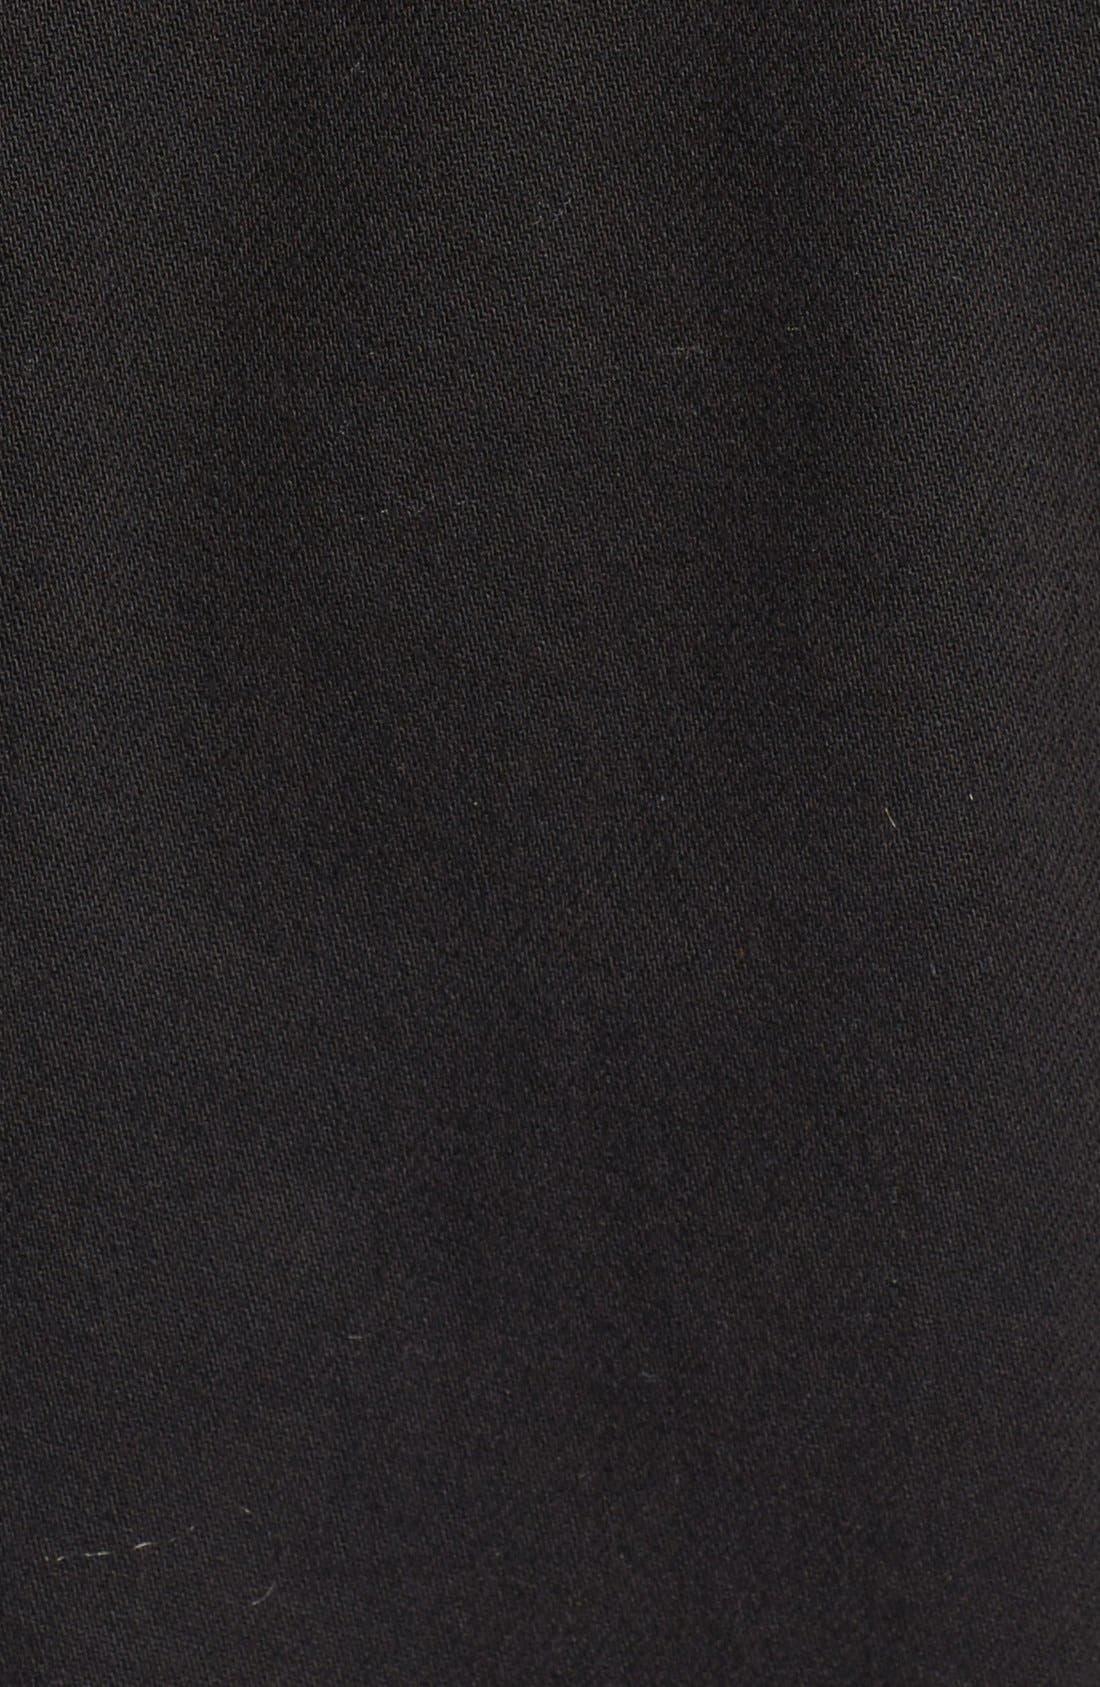 'Vivienne' Denim Jacket,                             Alternate thumbnail 5, color,